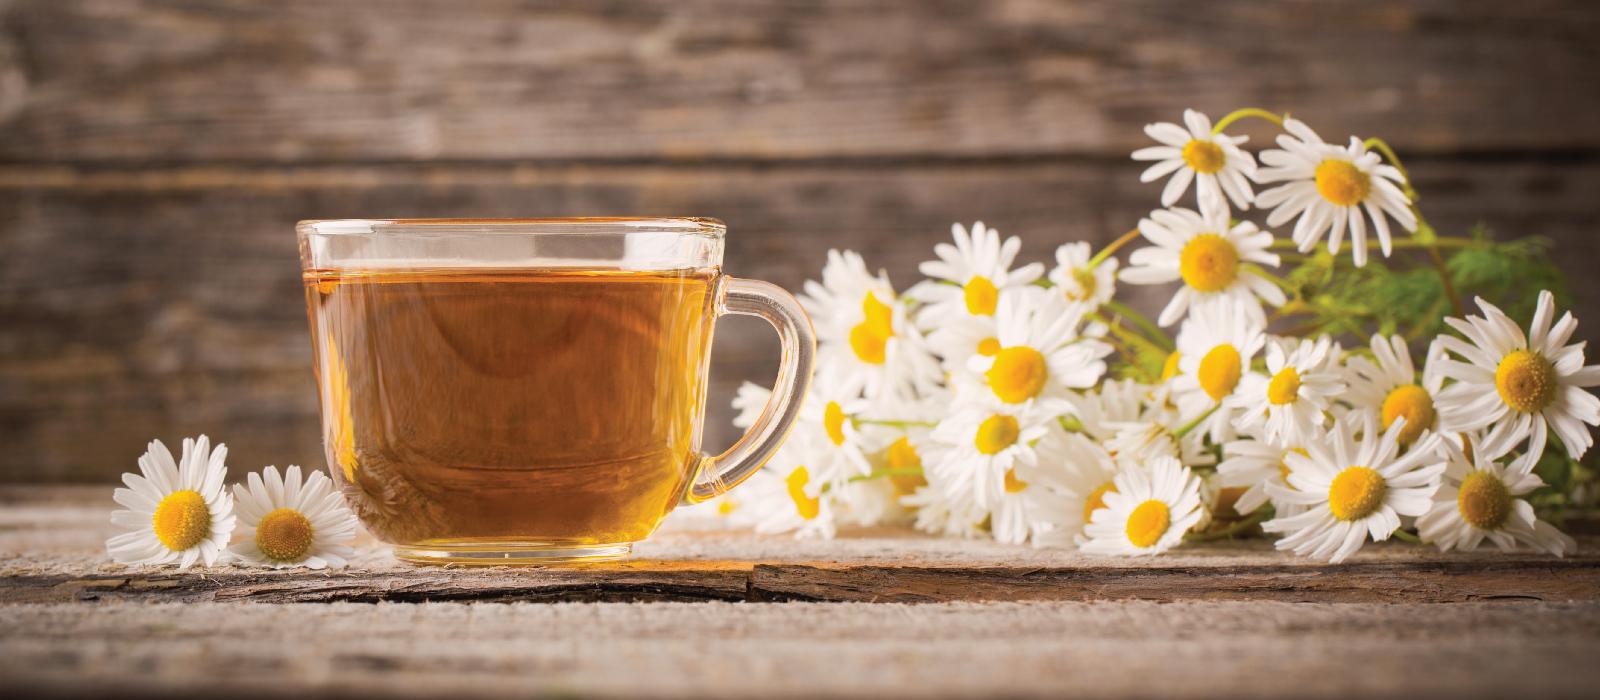 Camomila e suas propriedades como remédio homeopático